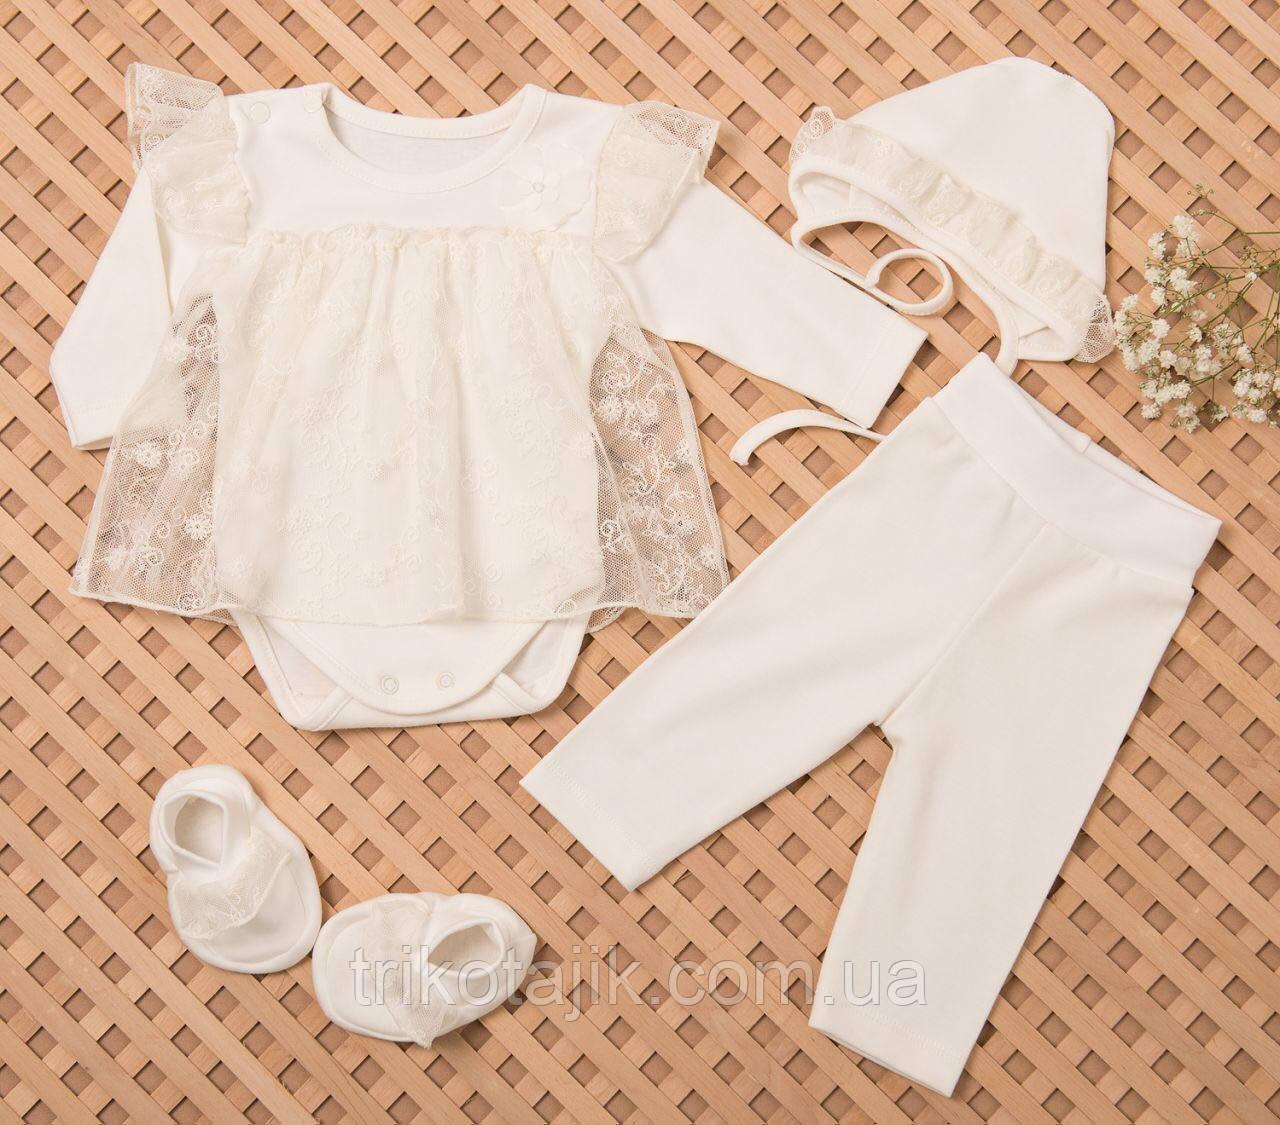 Комплект нарядный белый 68 см